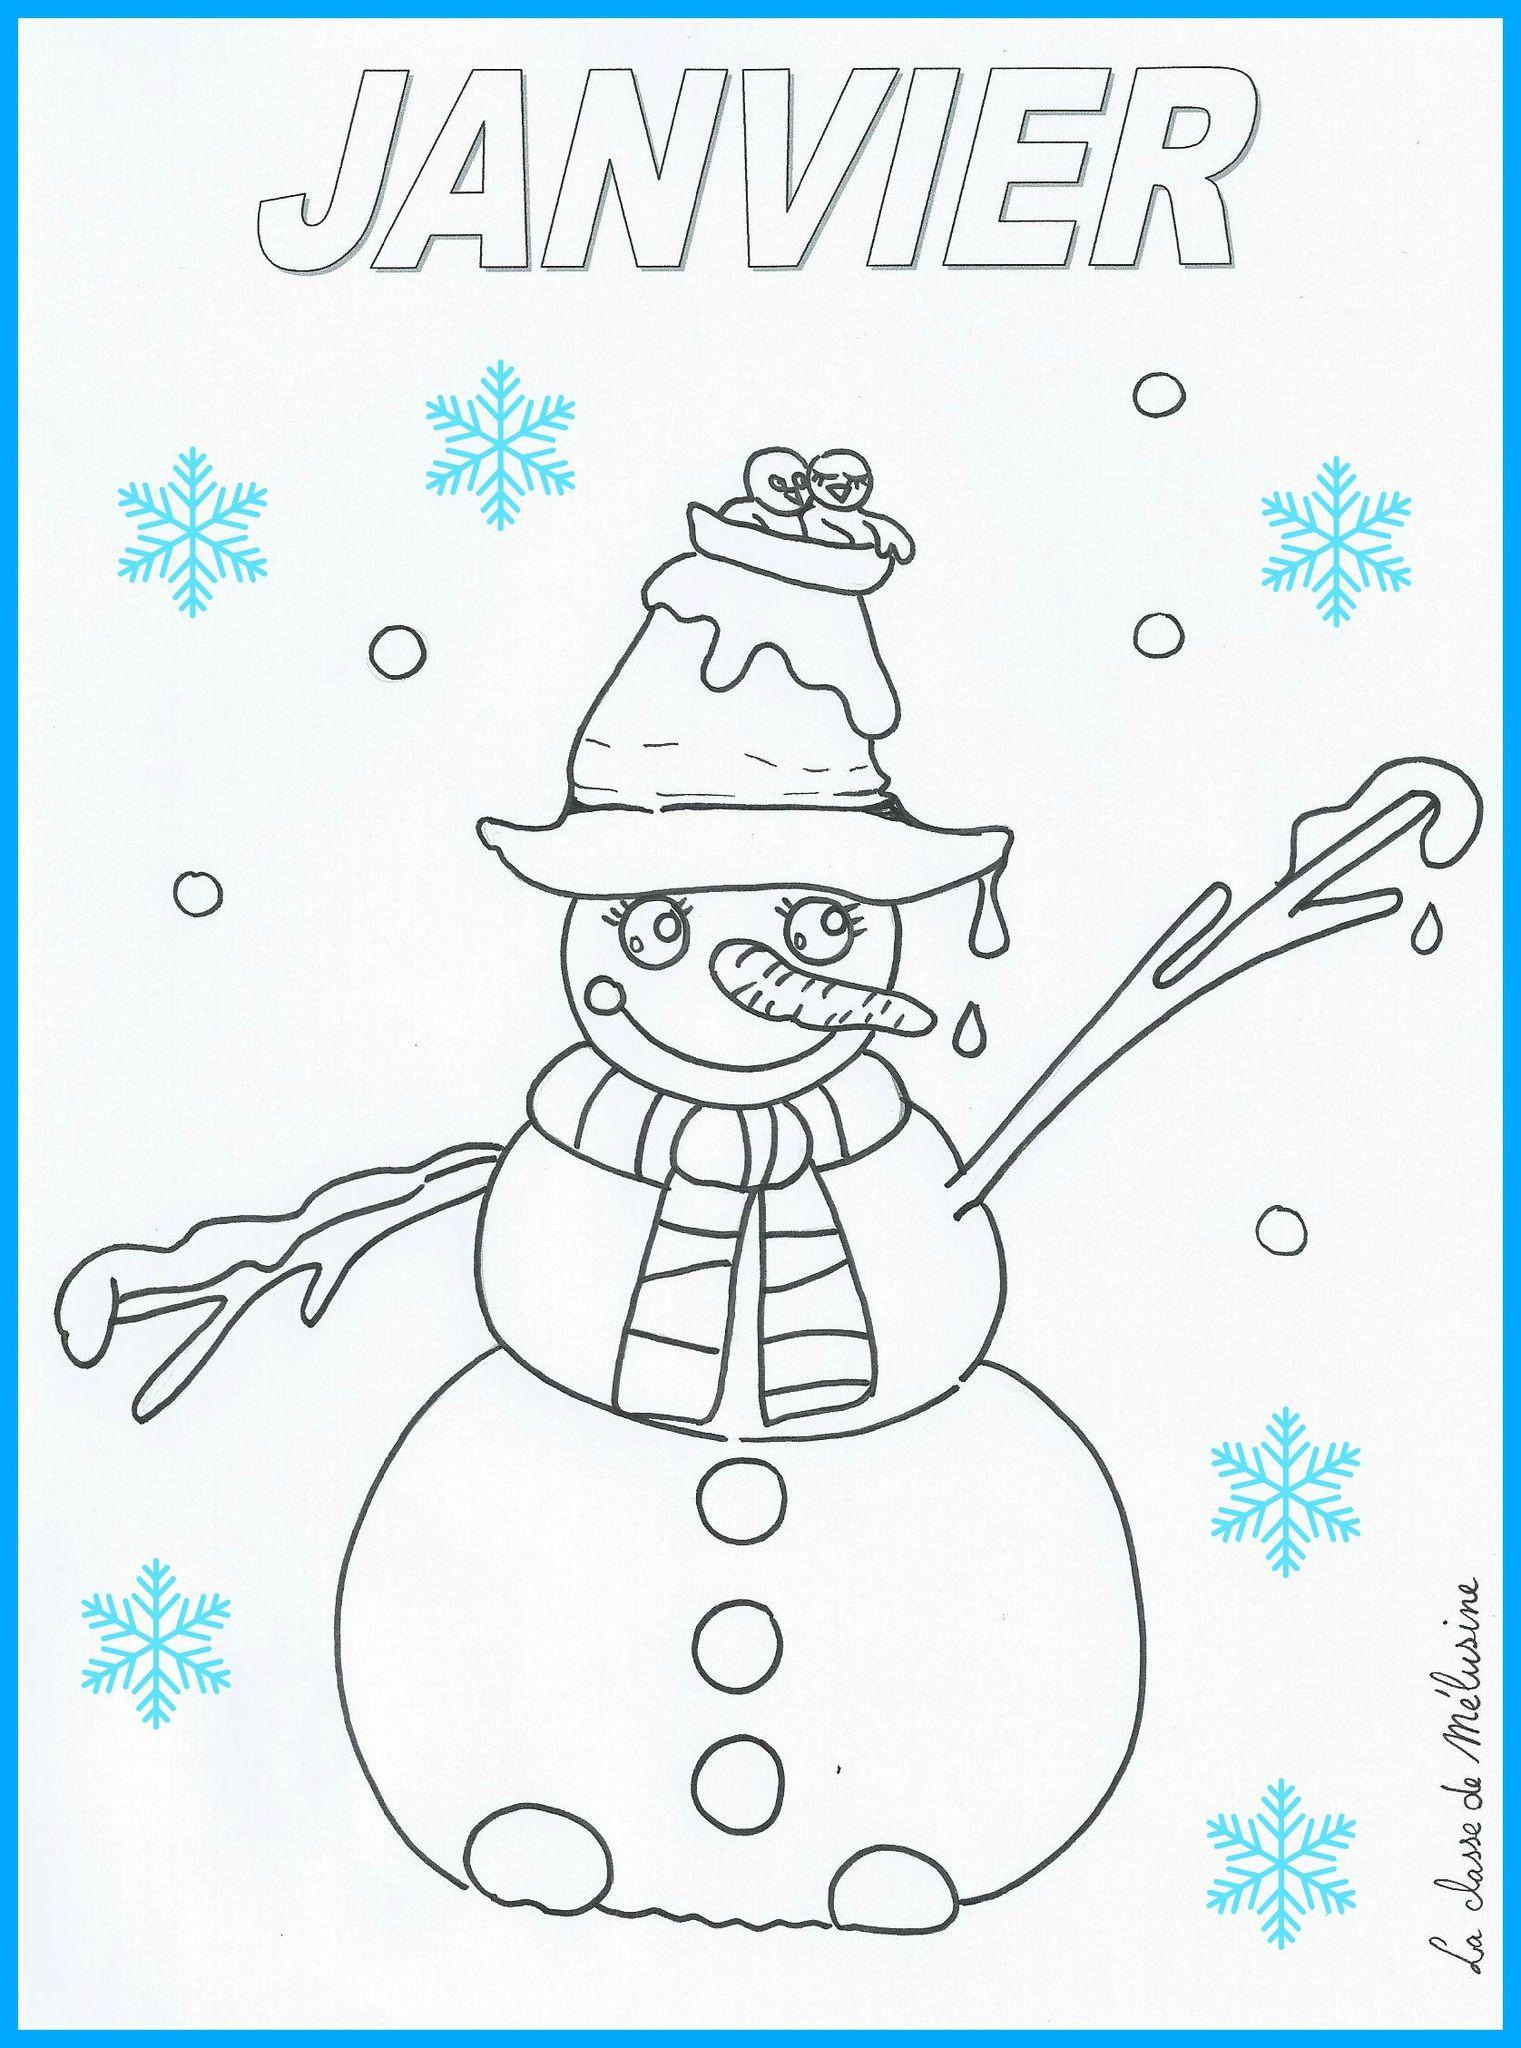 Coloriage Fevrier Melusine.Coloriage De Janvier 1 La Classe De Melusine Hiver Noel